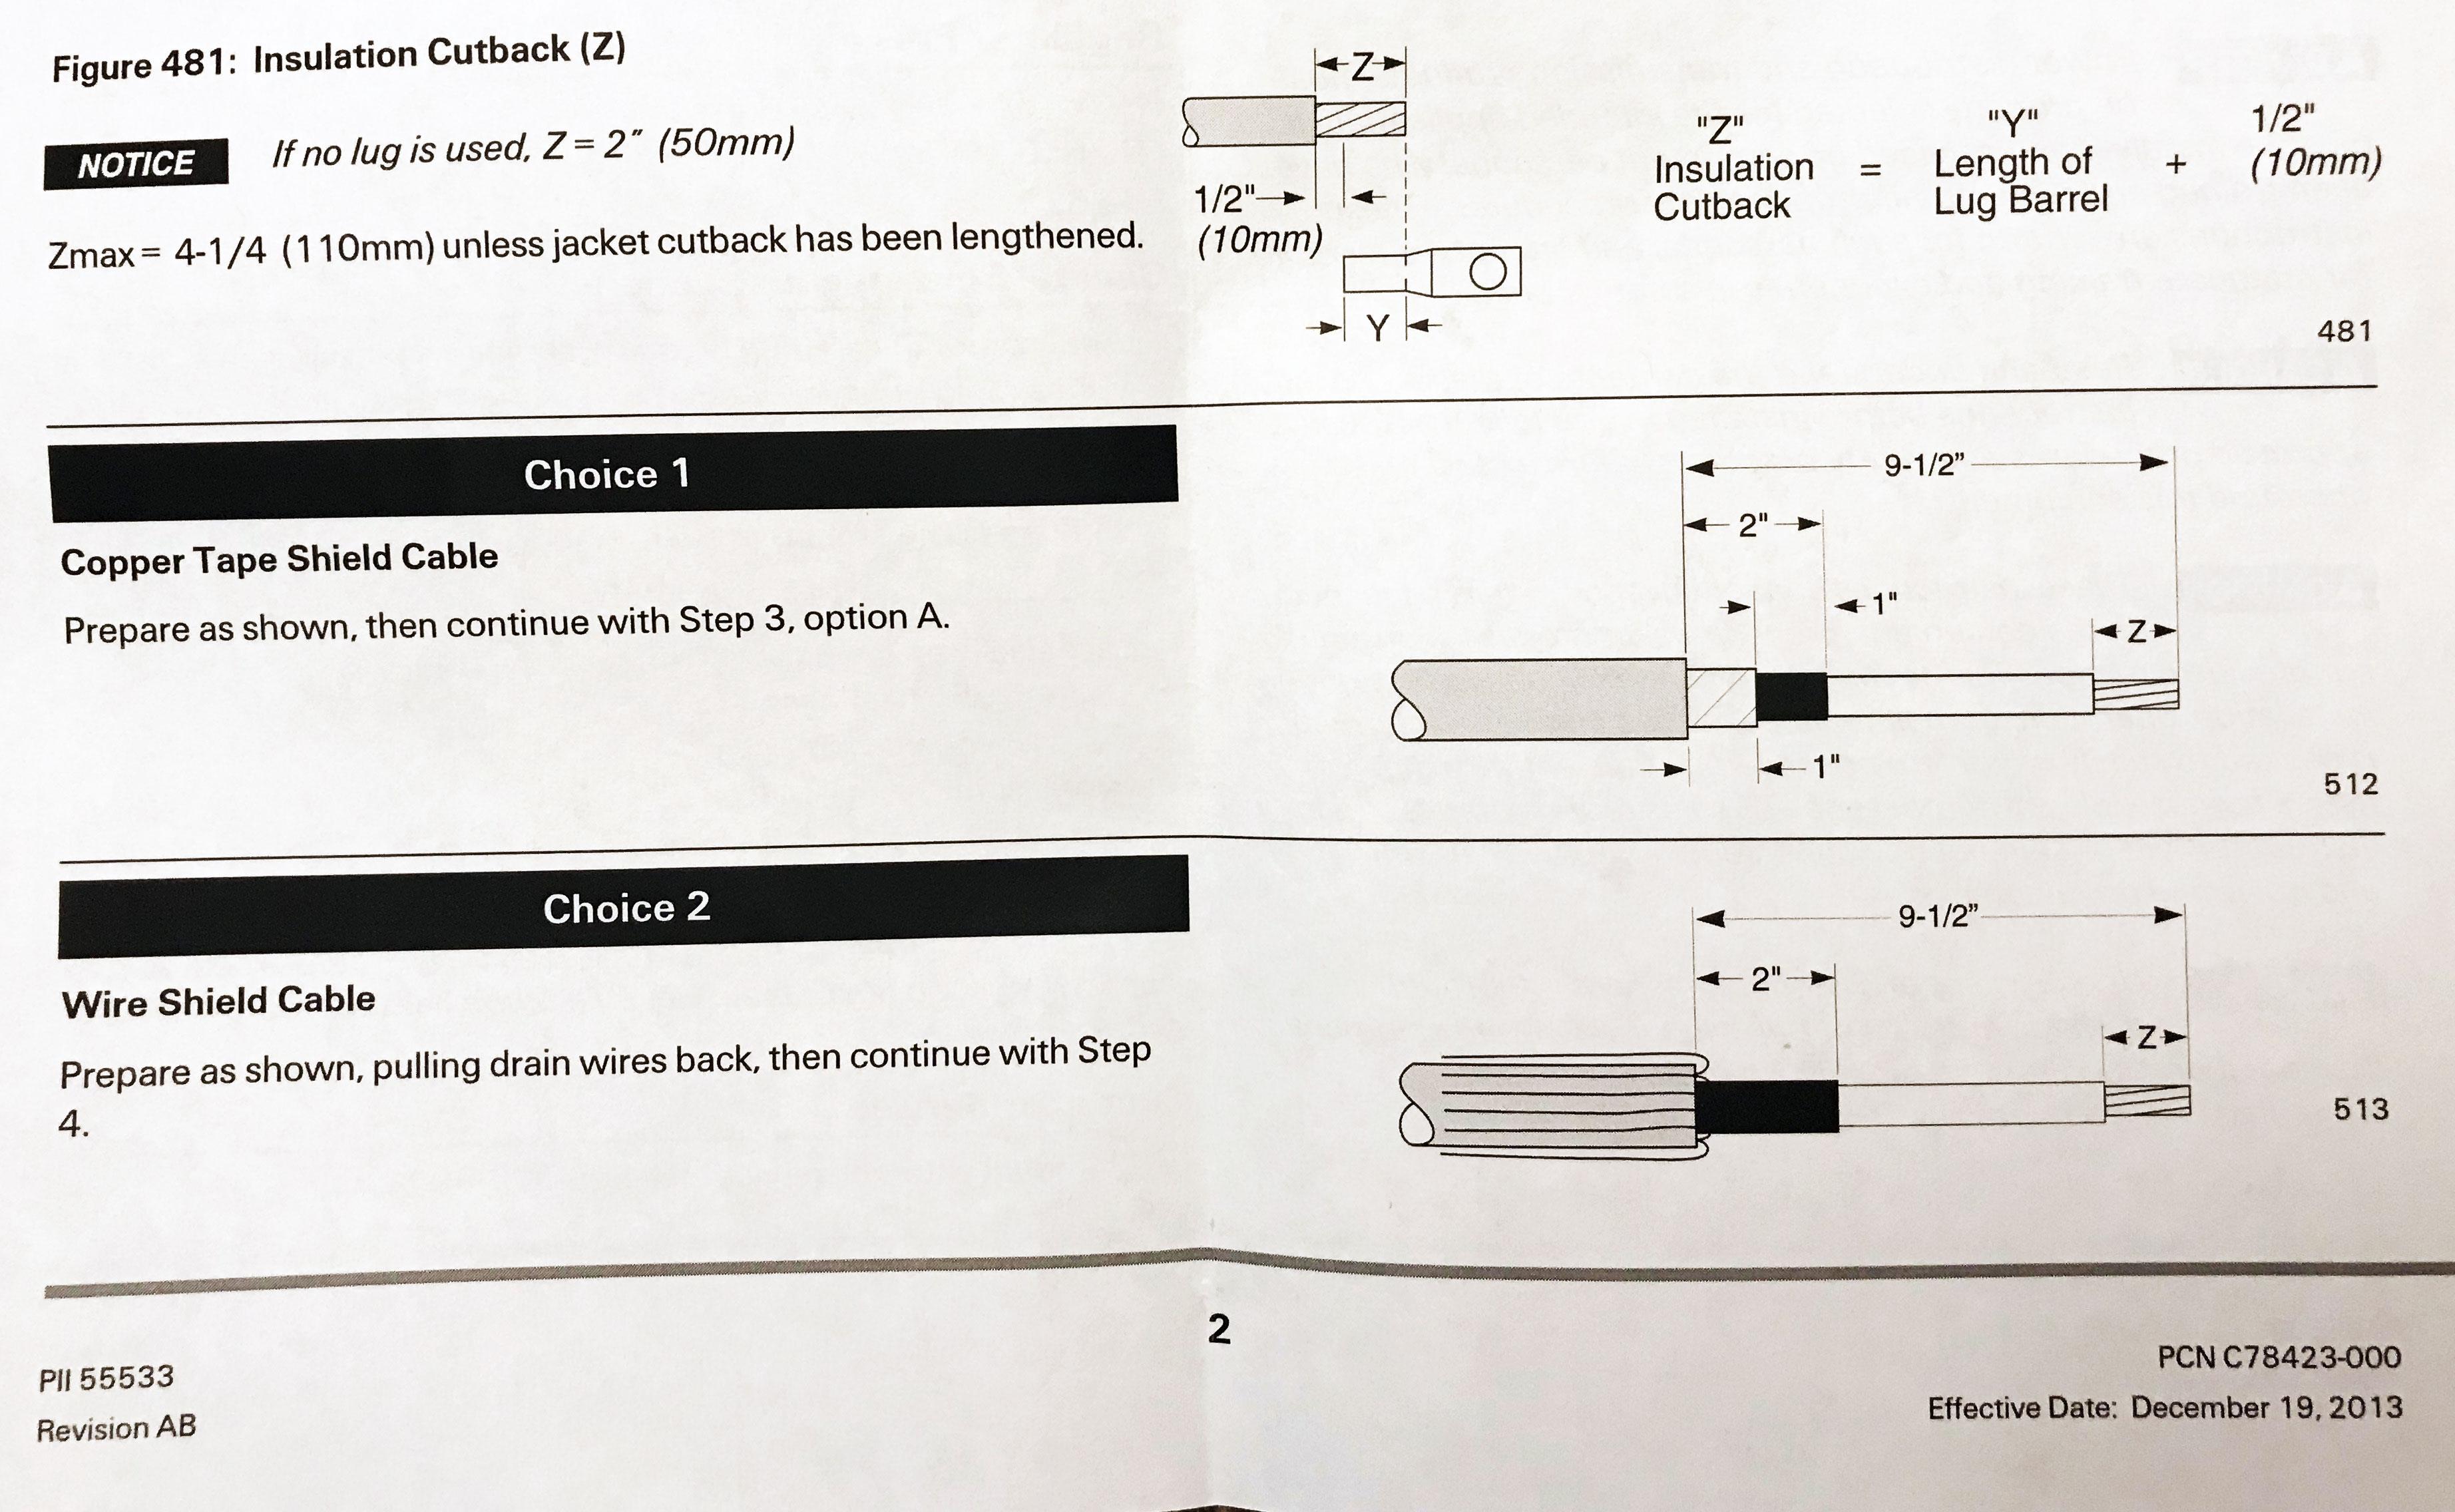 MV cable cutback lengths